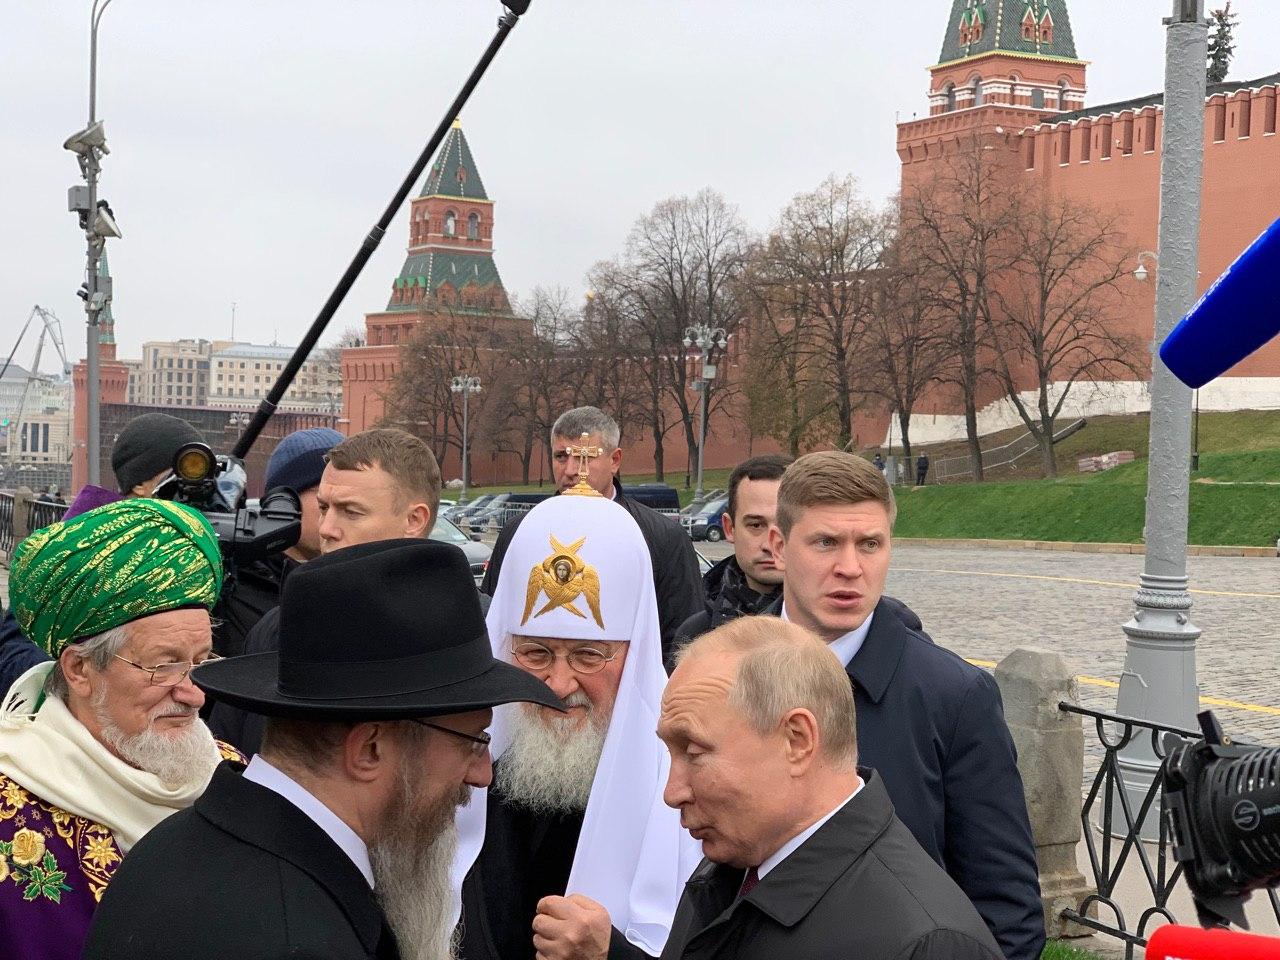 Фото Путина в Москве насмешило Интернет: таким президента РФ давно не видели